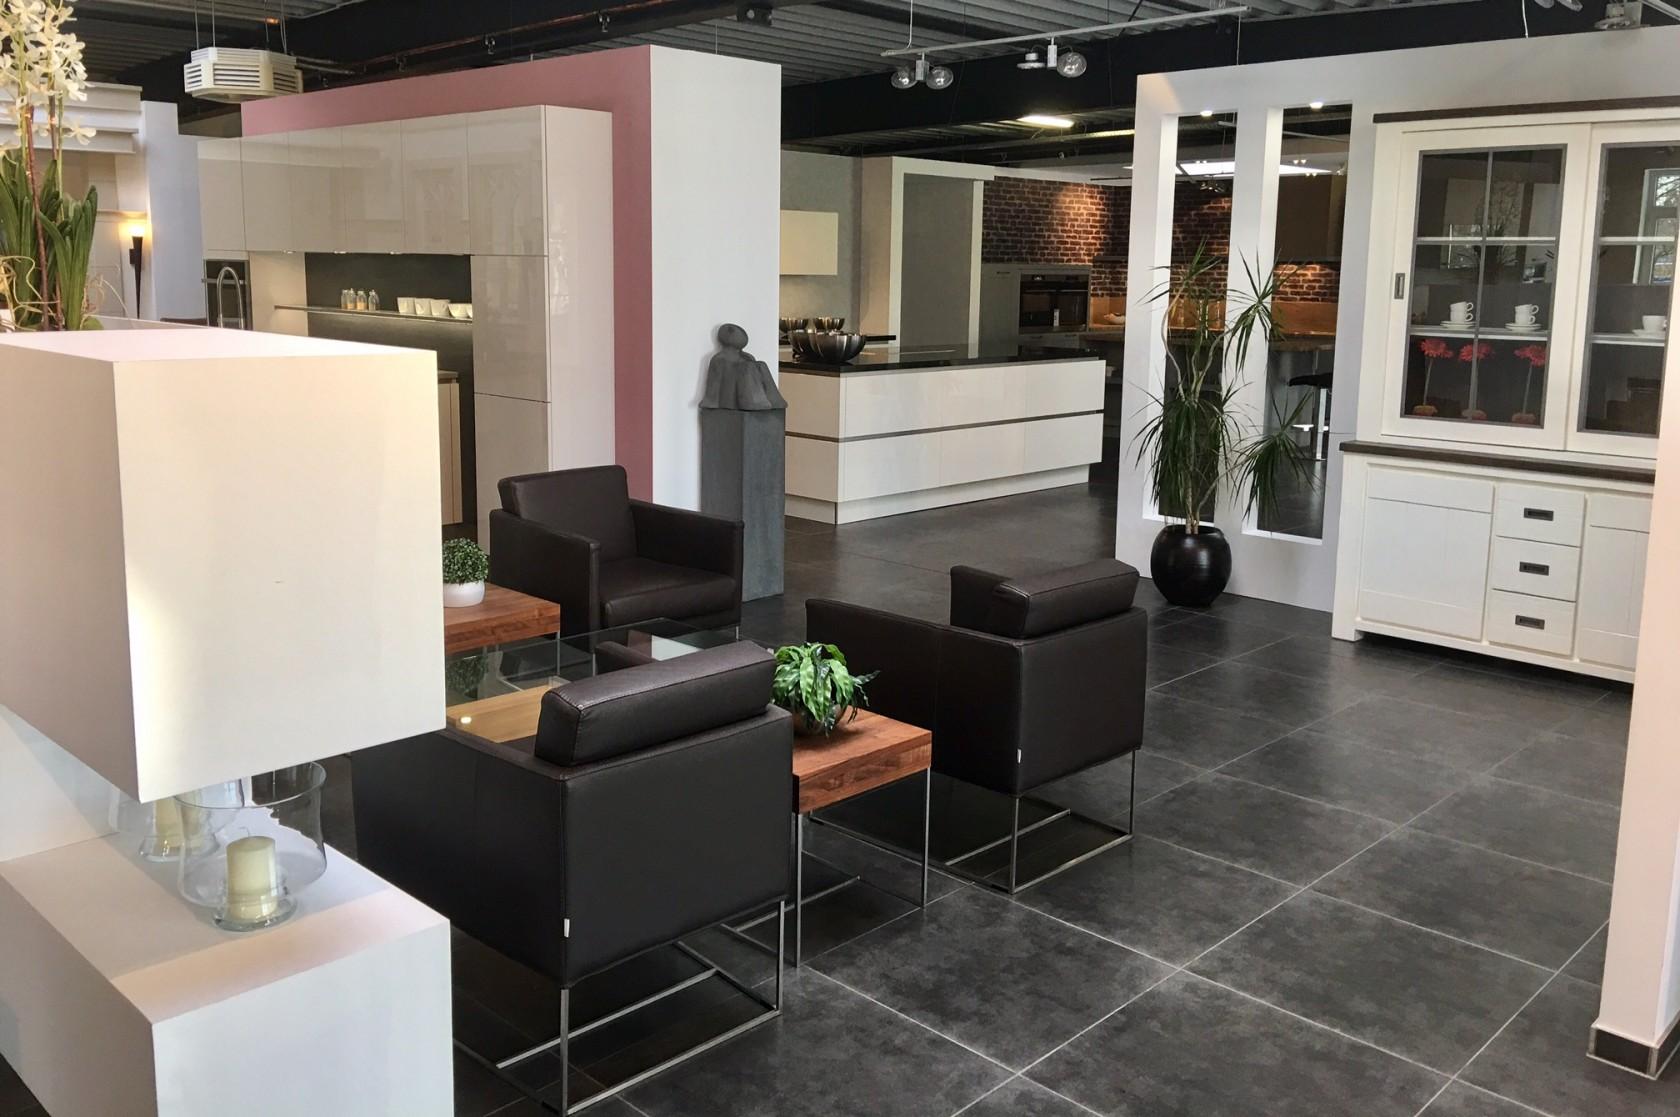 over ons k chen nordhorn m bel nordhorn m bel faber. Black Bedroom Furniture Sets. Home Design Ideas